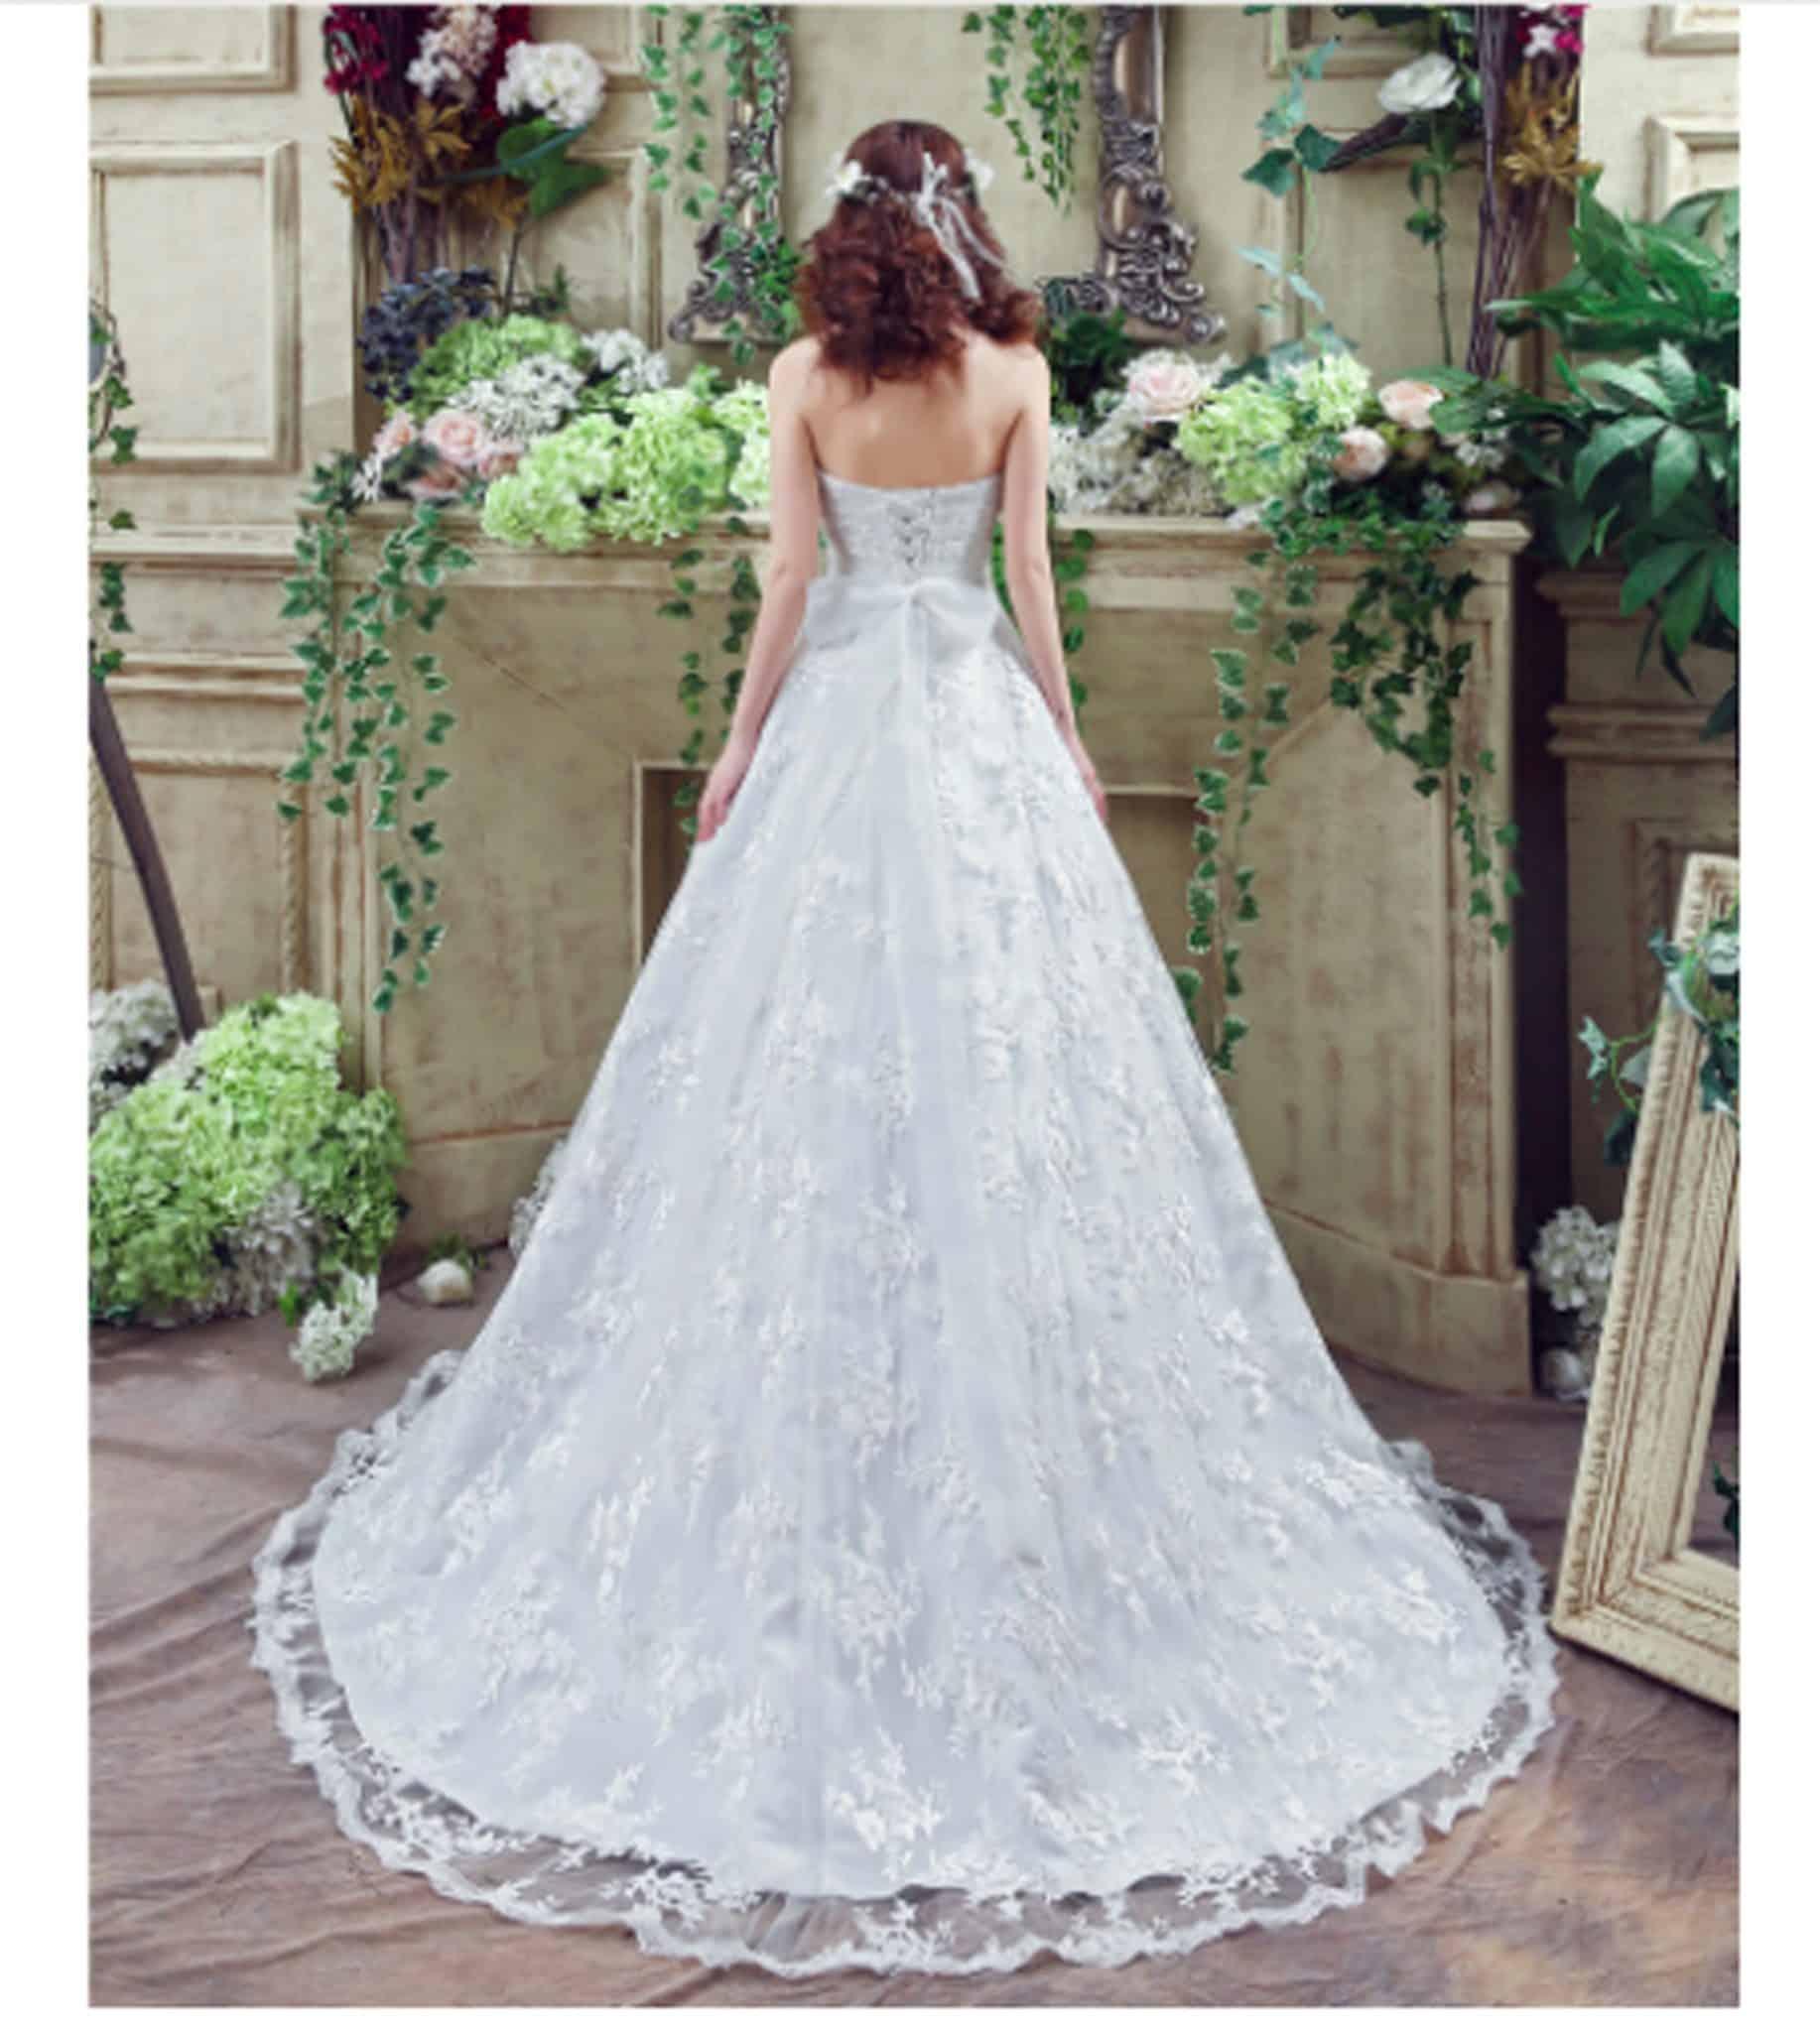 Wedding Gown Princess Cut